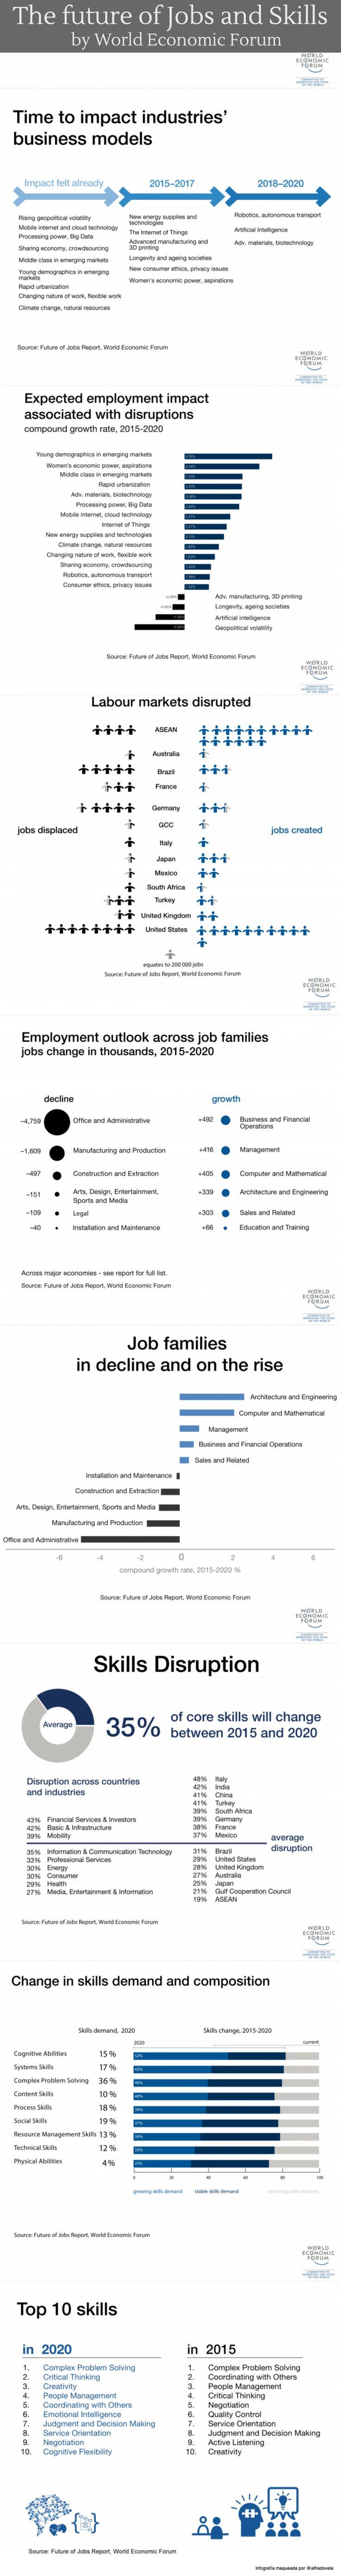 El Futuro de los trabajos y las competencias (by World Economic Forum) #infografia #empleo | TICs y Formación